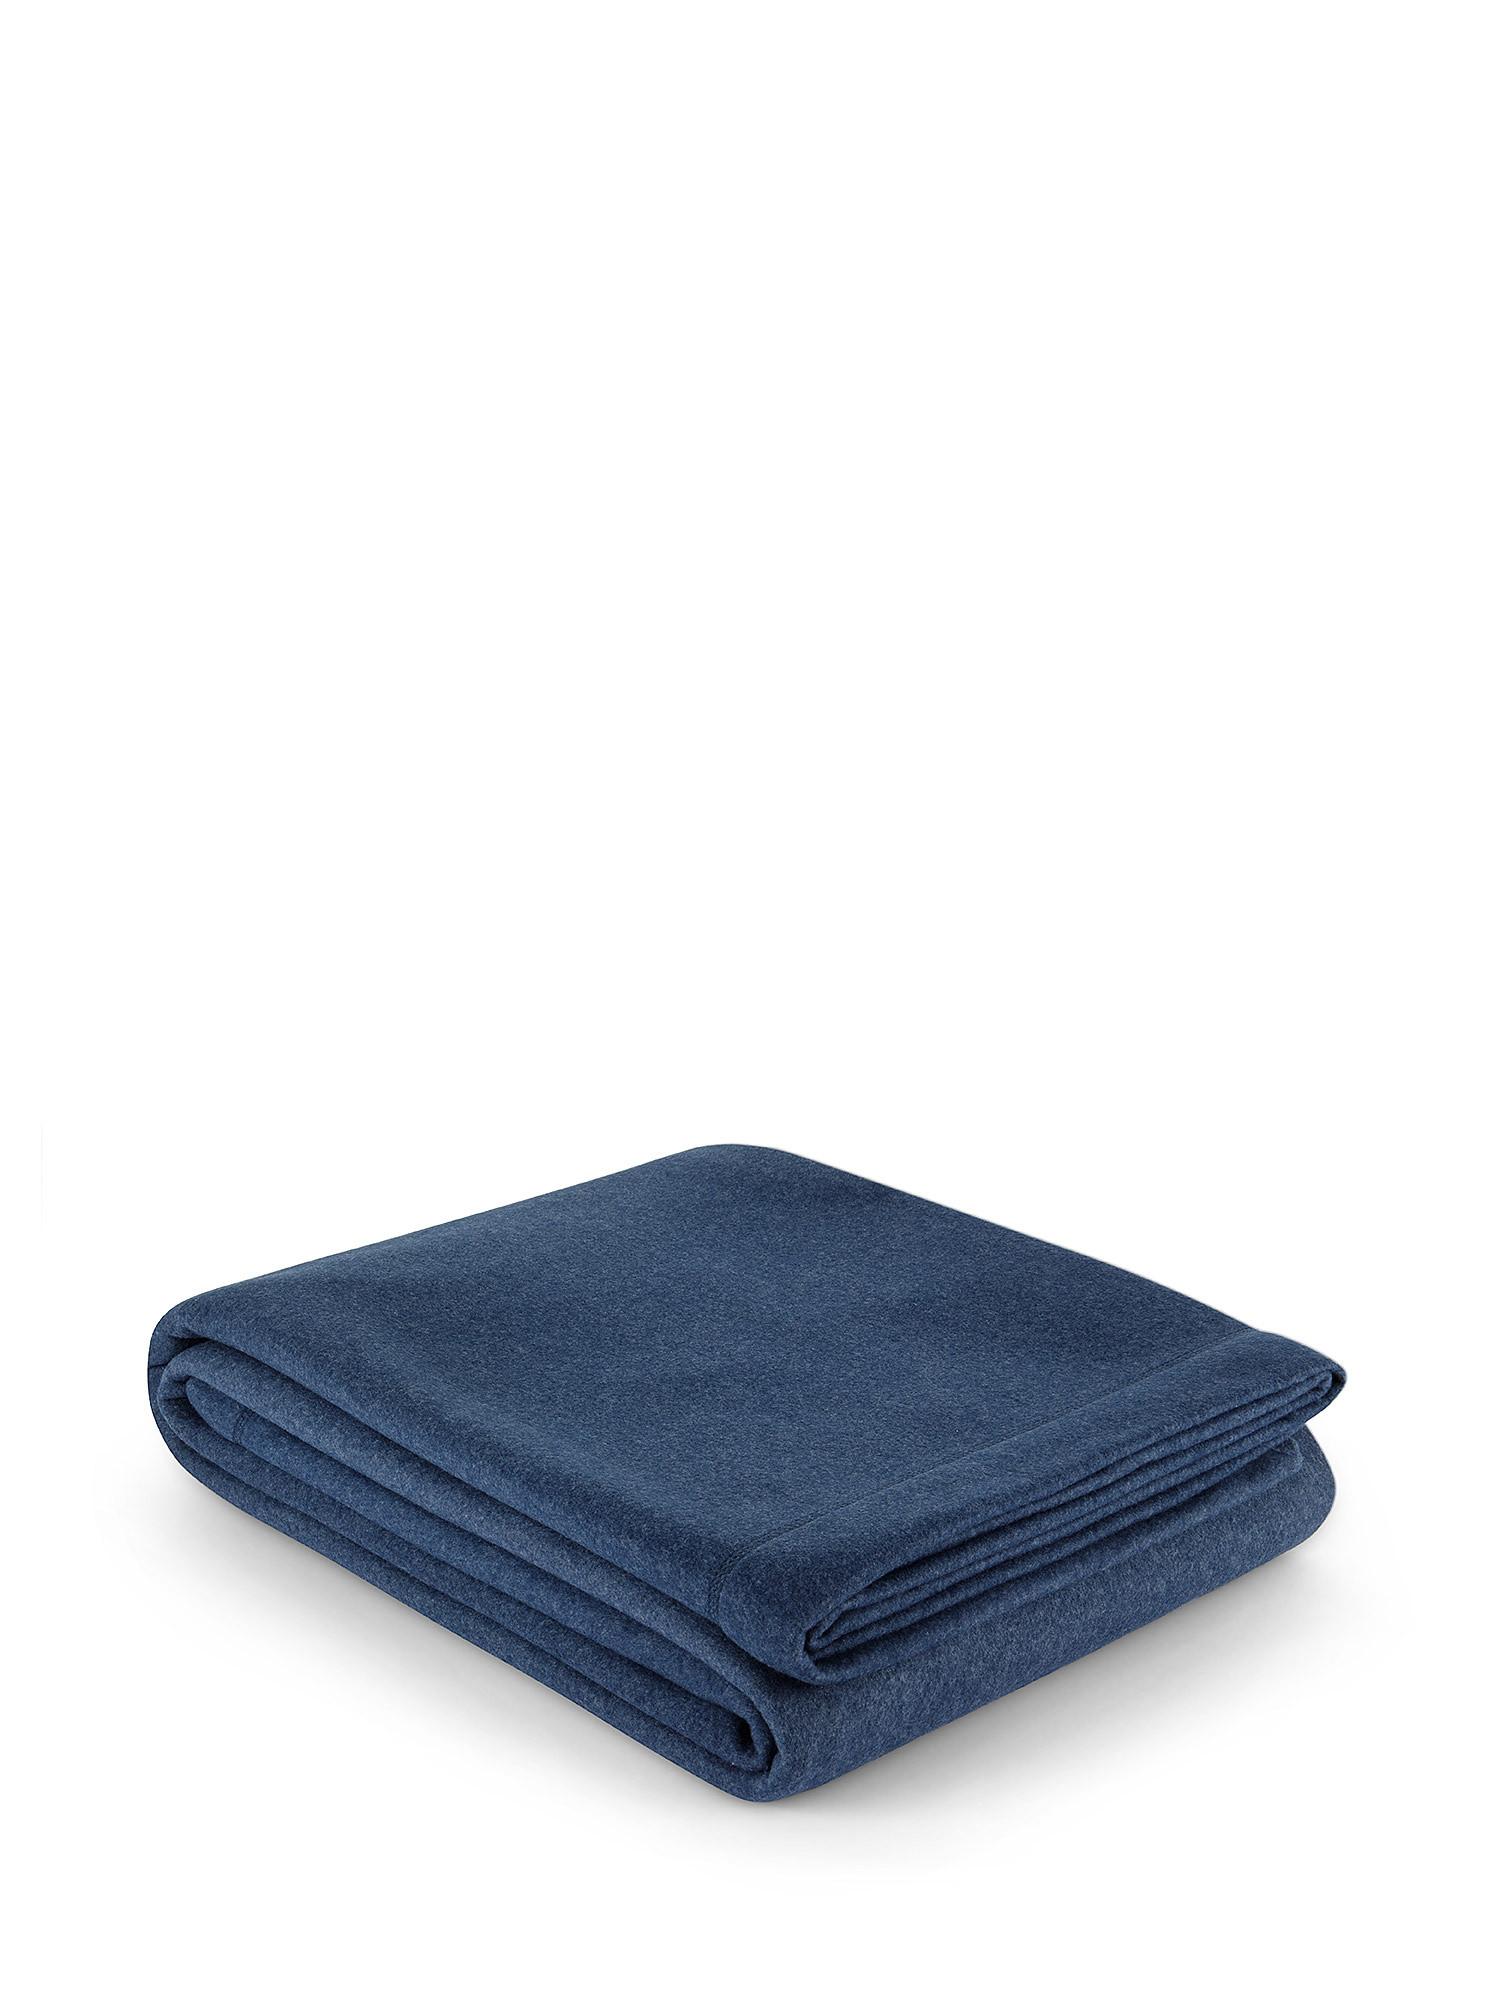 Coperta morbido pile tinta unita, Blu, large image number 0